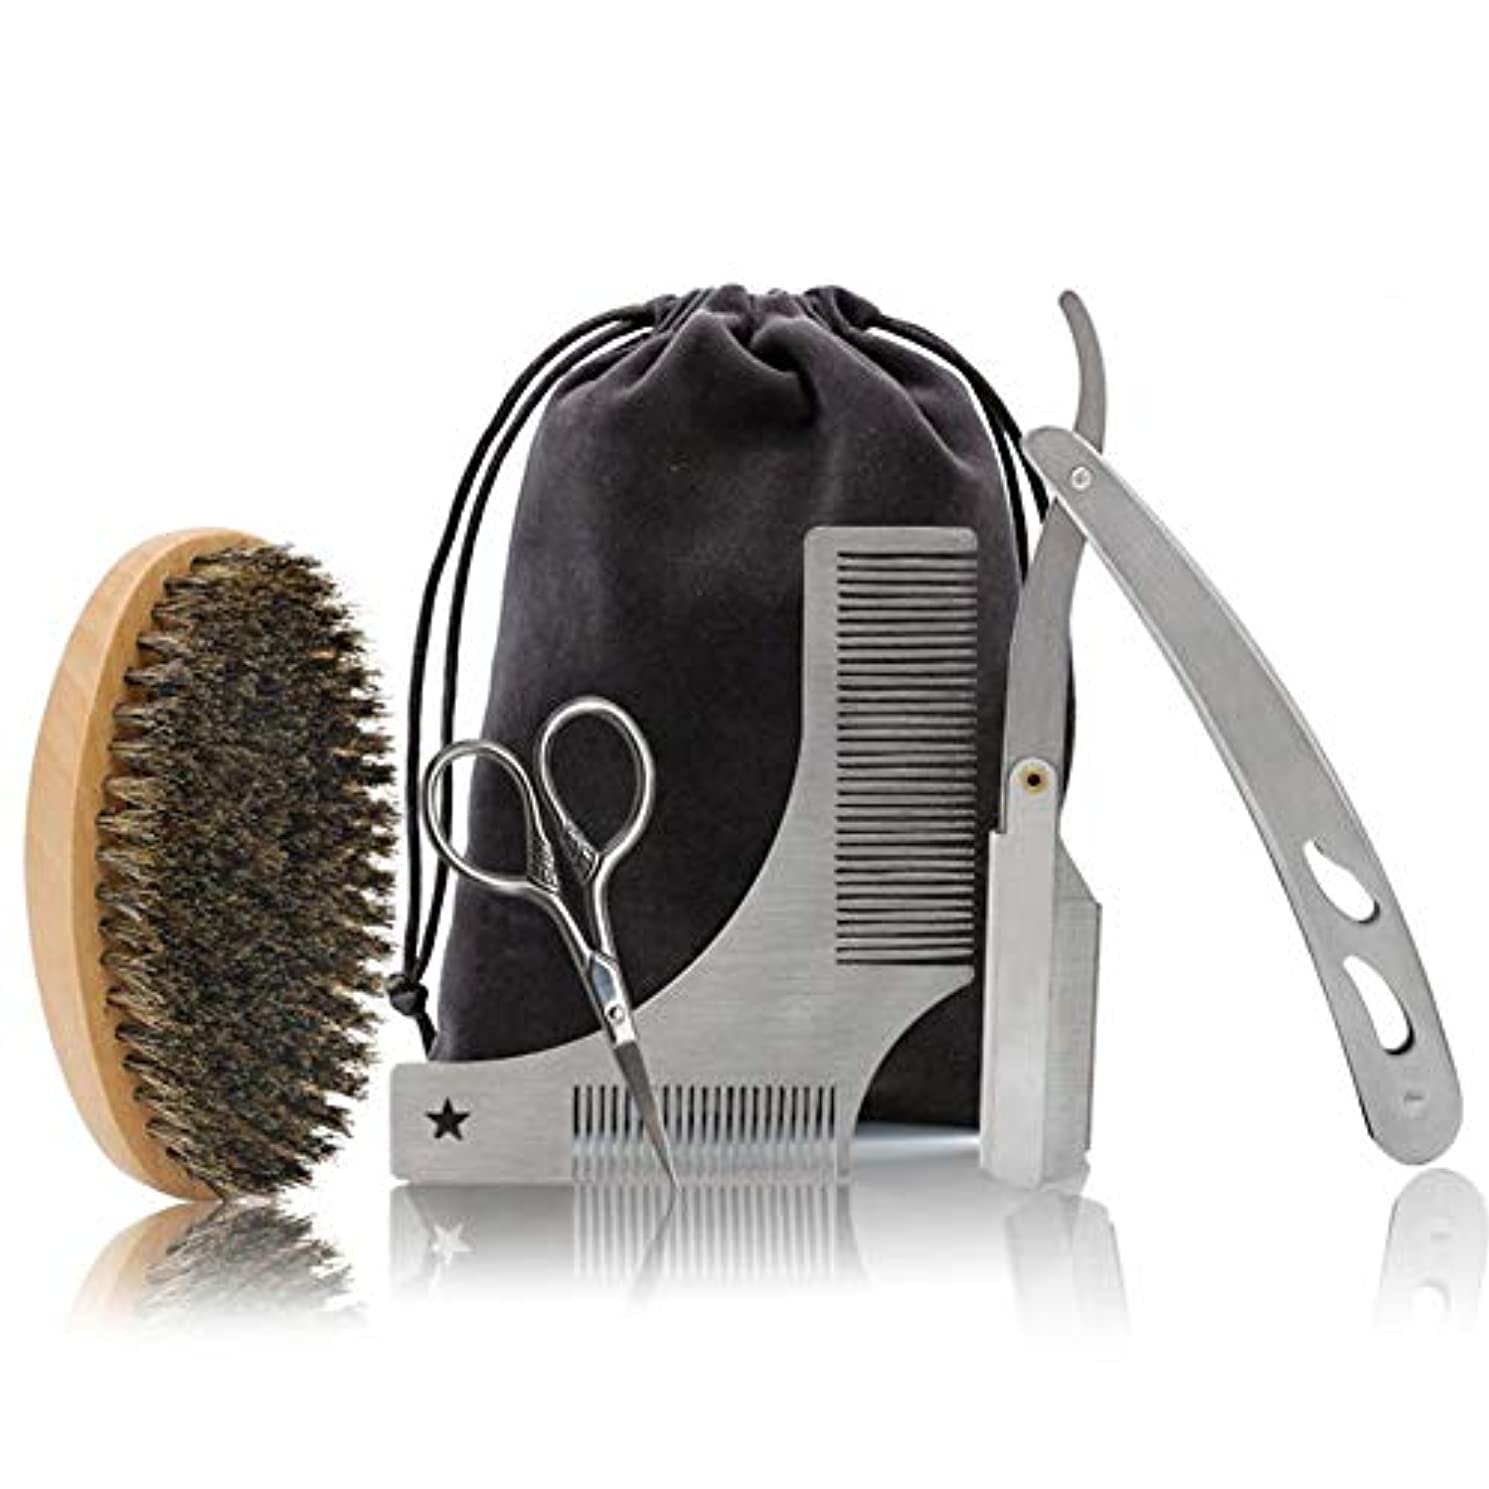 クスコ最終的に職人男性のヒゲトリムセット3 - くし個ステンレススチールはさみビアードシェーバー髭の成長とビアードトリムスタイルや髭ケアギフトボックスに適し